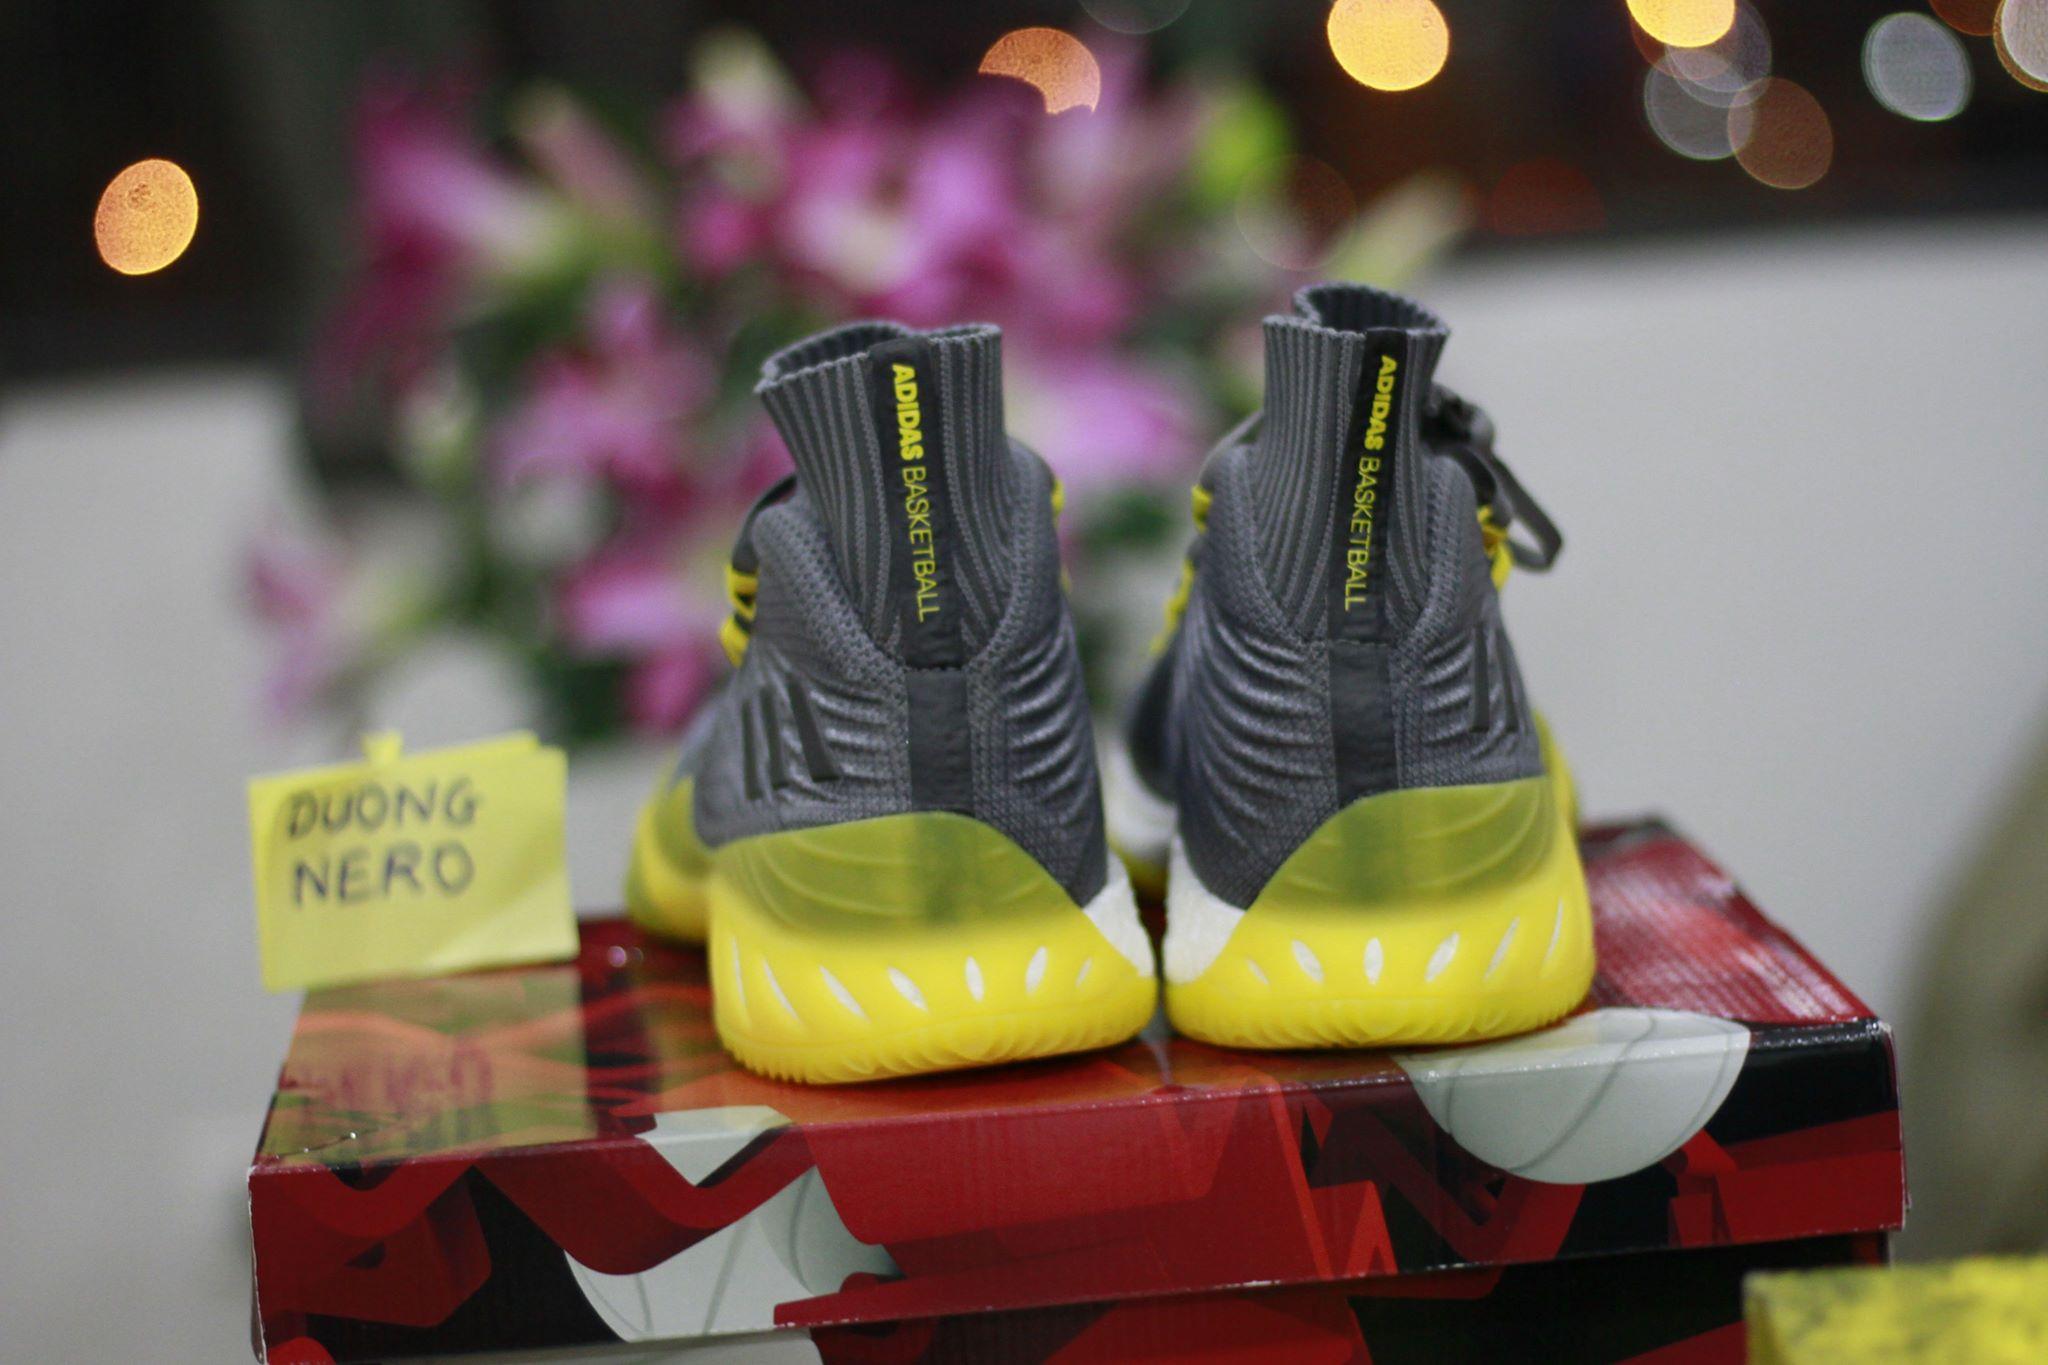 Adidas CE 2017 CQ1396